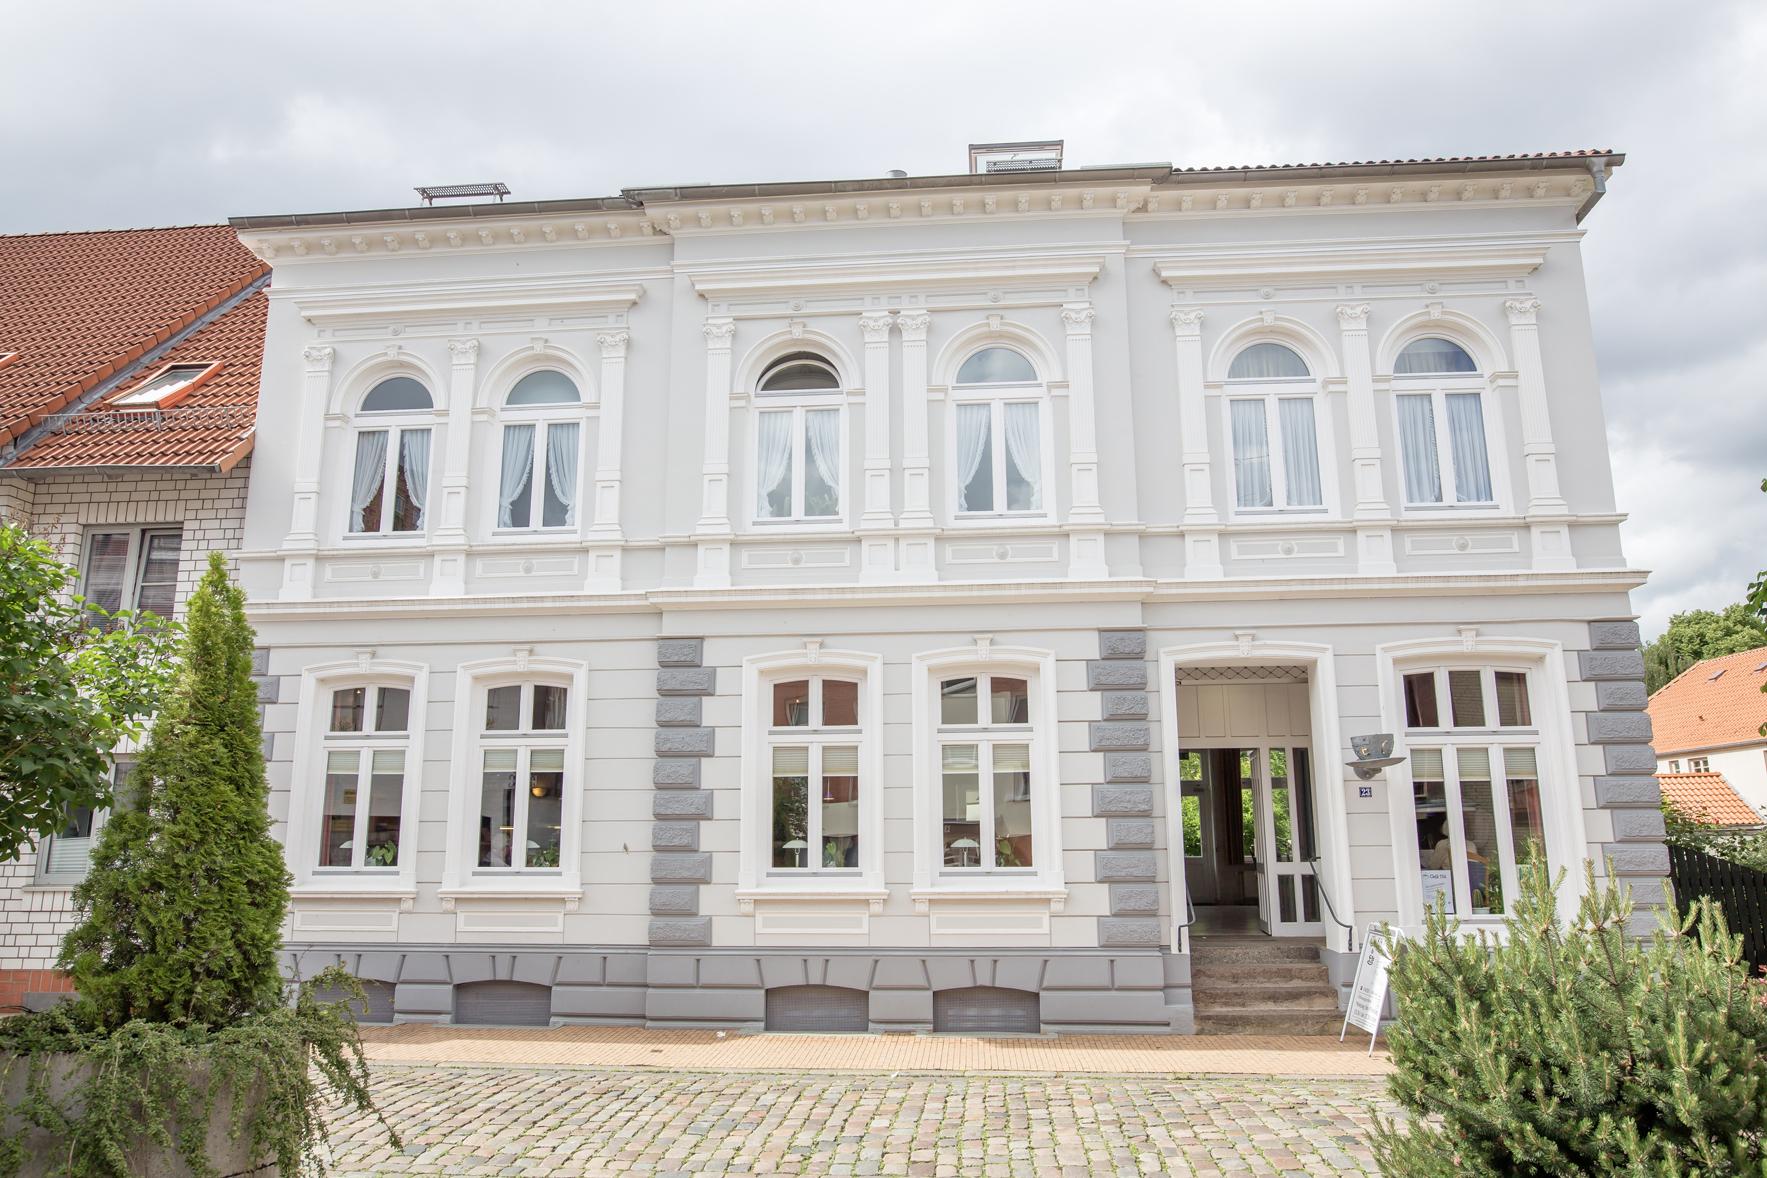 LHW-NMS - Wohnstätte Fürsthof-6